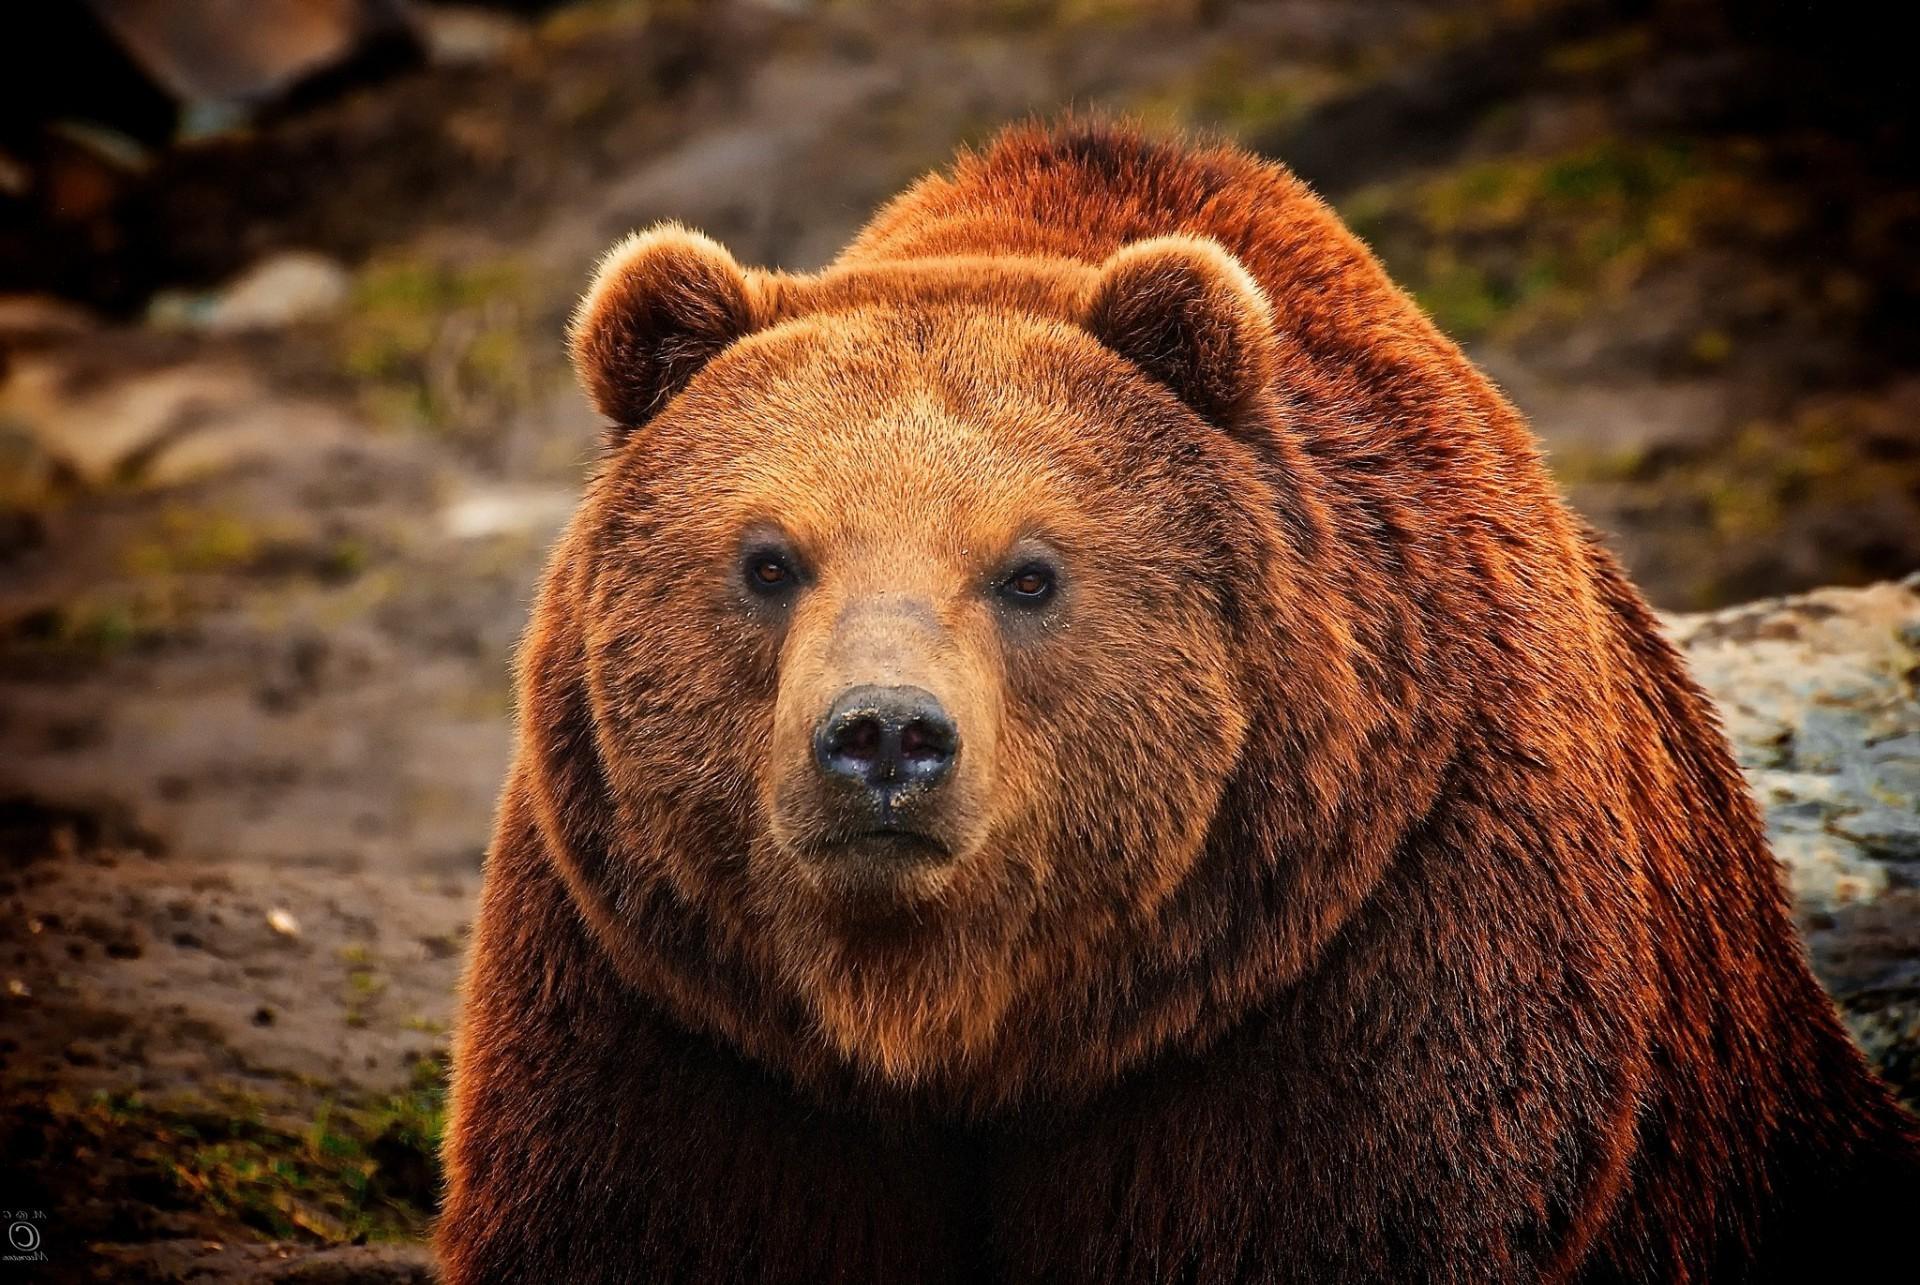 buryj-medved-smotrit-pristalnym-vzglyadom.jpg